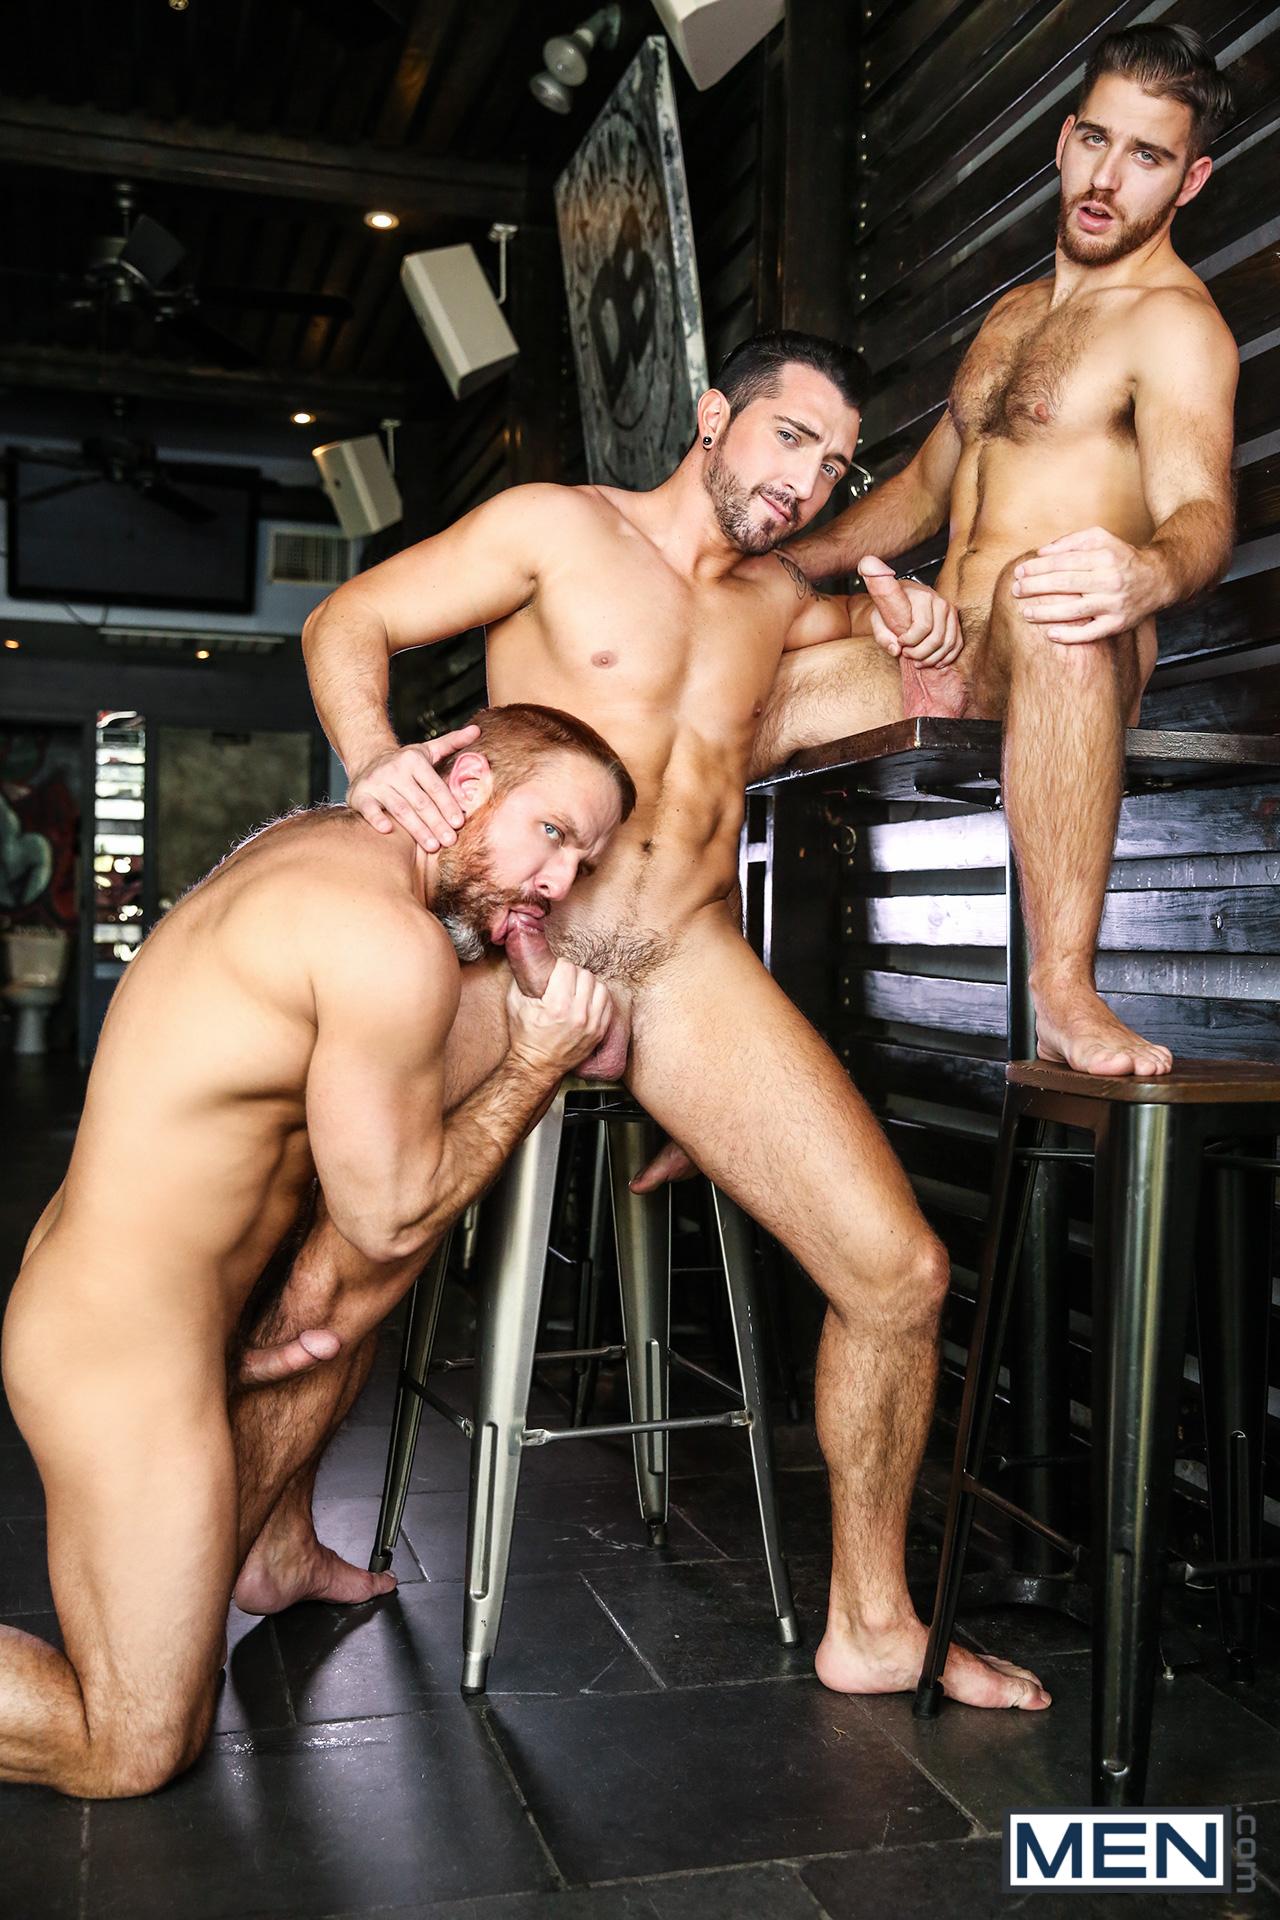 gay men into briefs